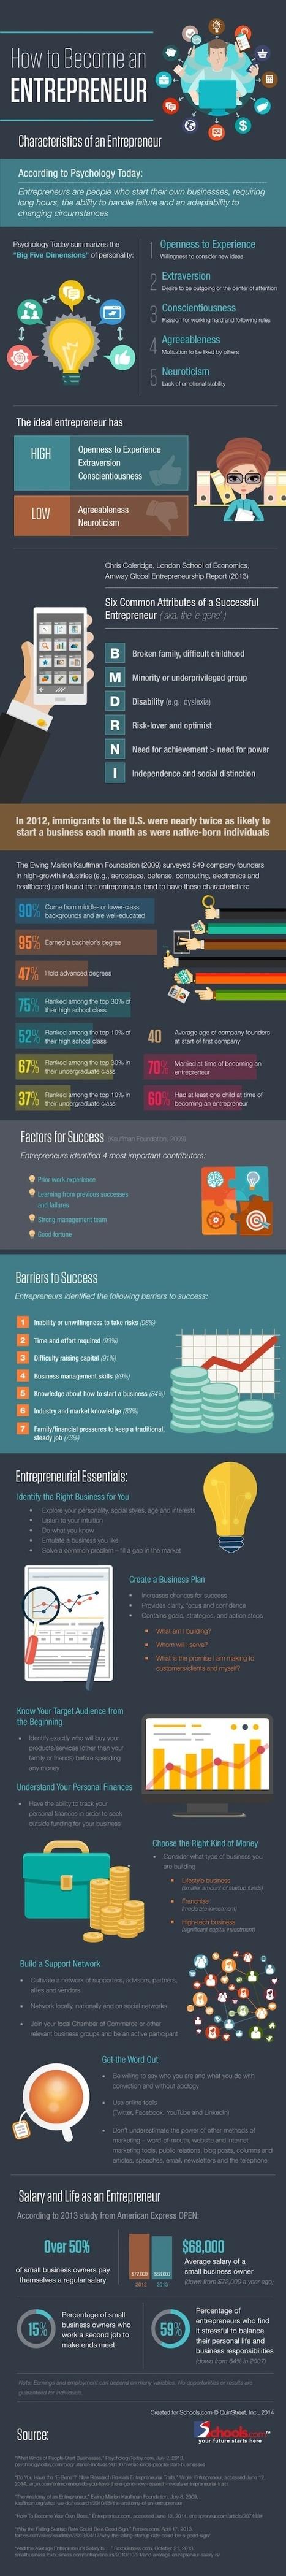 Les qualités qui font les grands entrepreneurs - FrenchWeb.fr | Innovations, tendances & start-up | Scoop.it